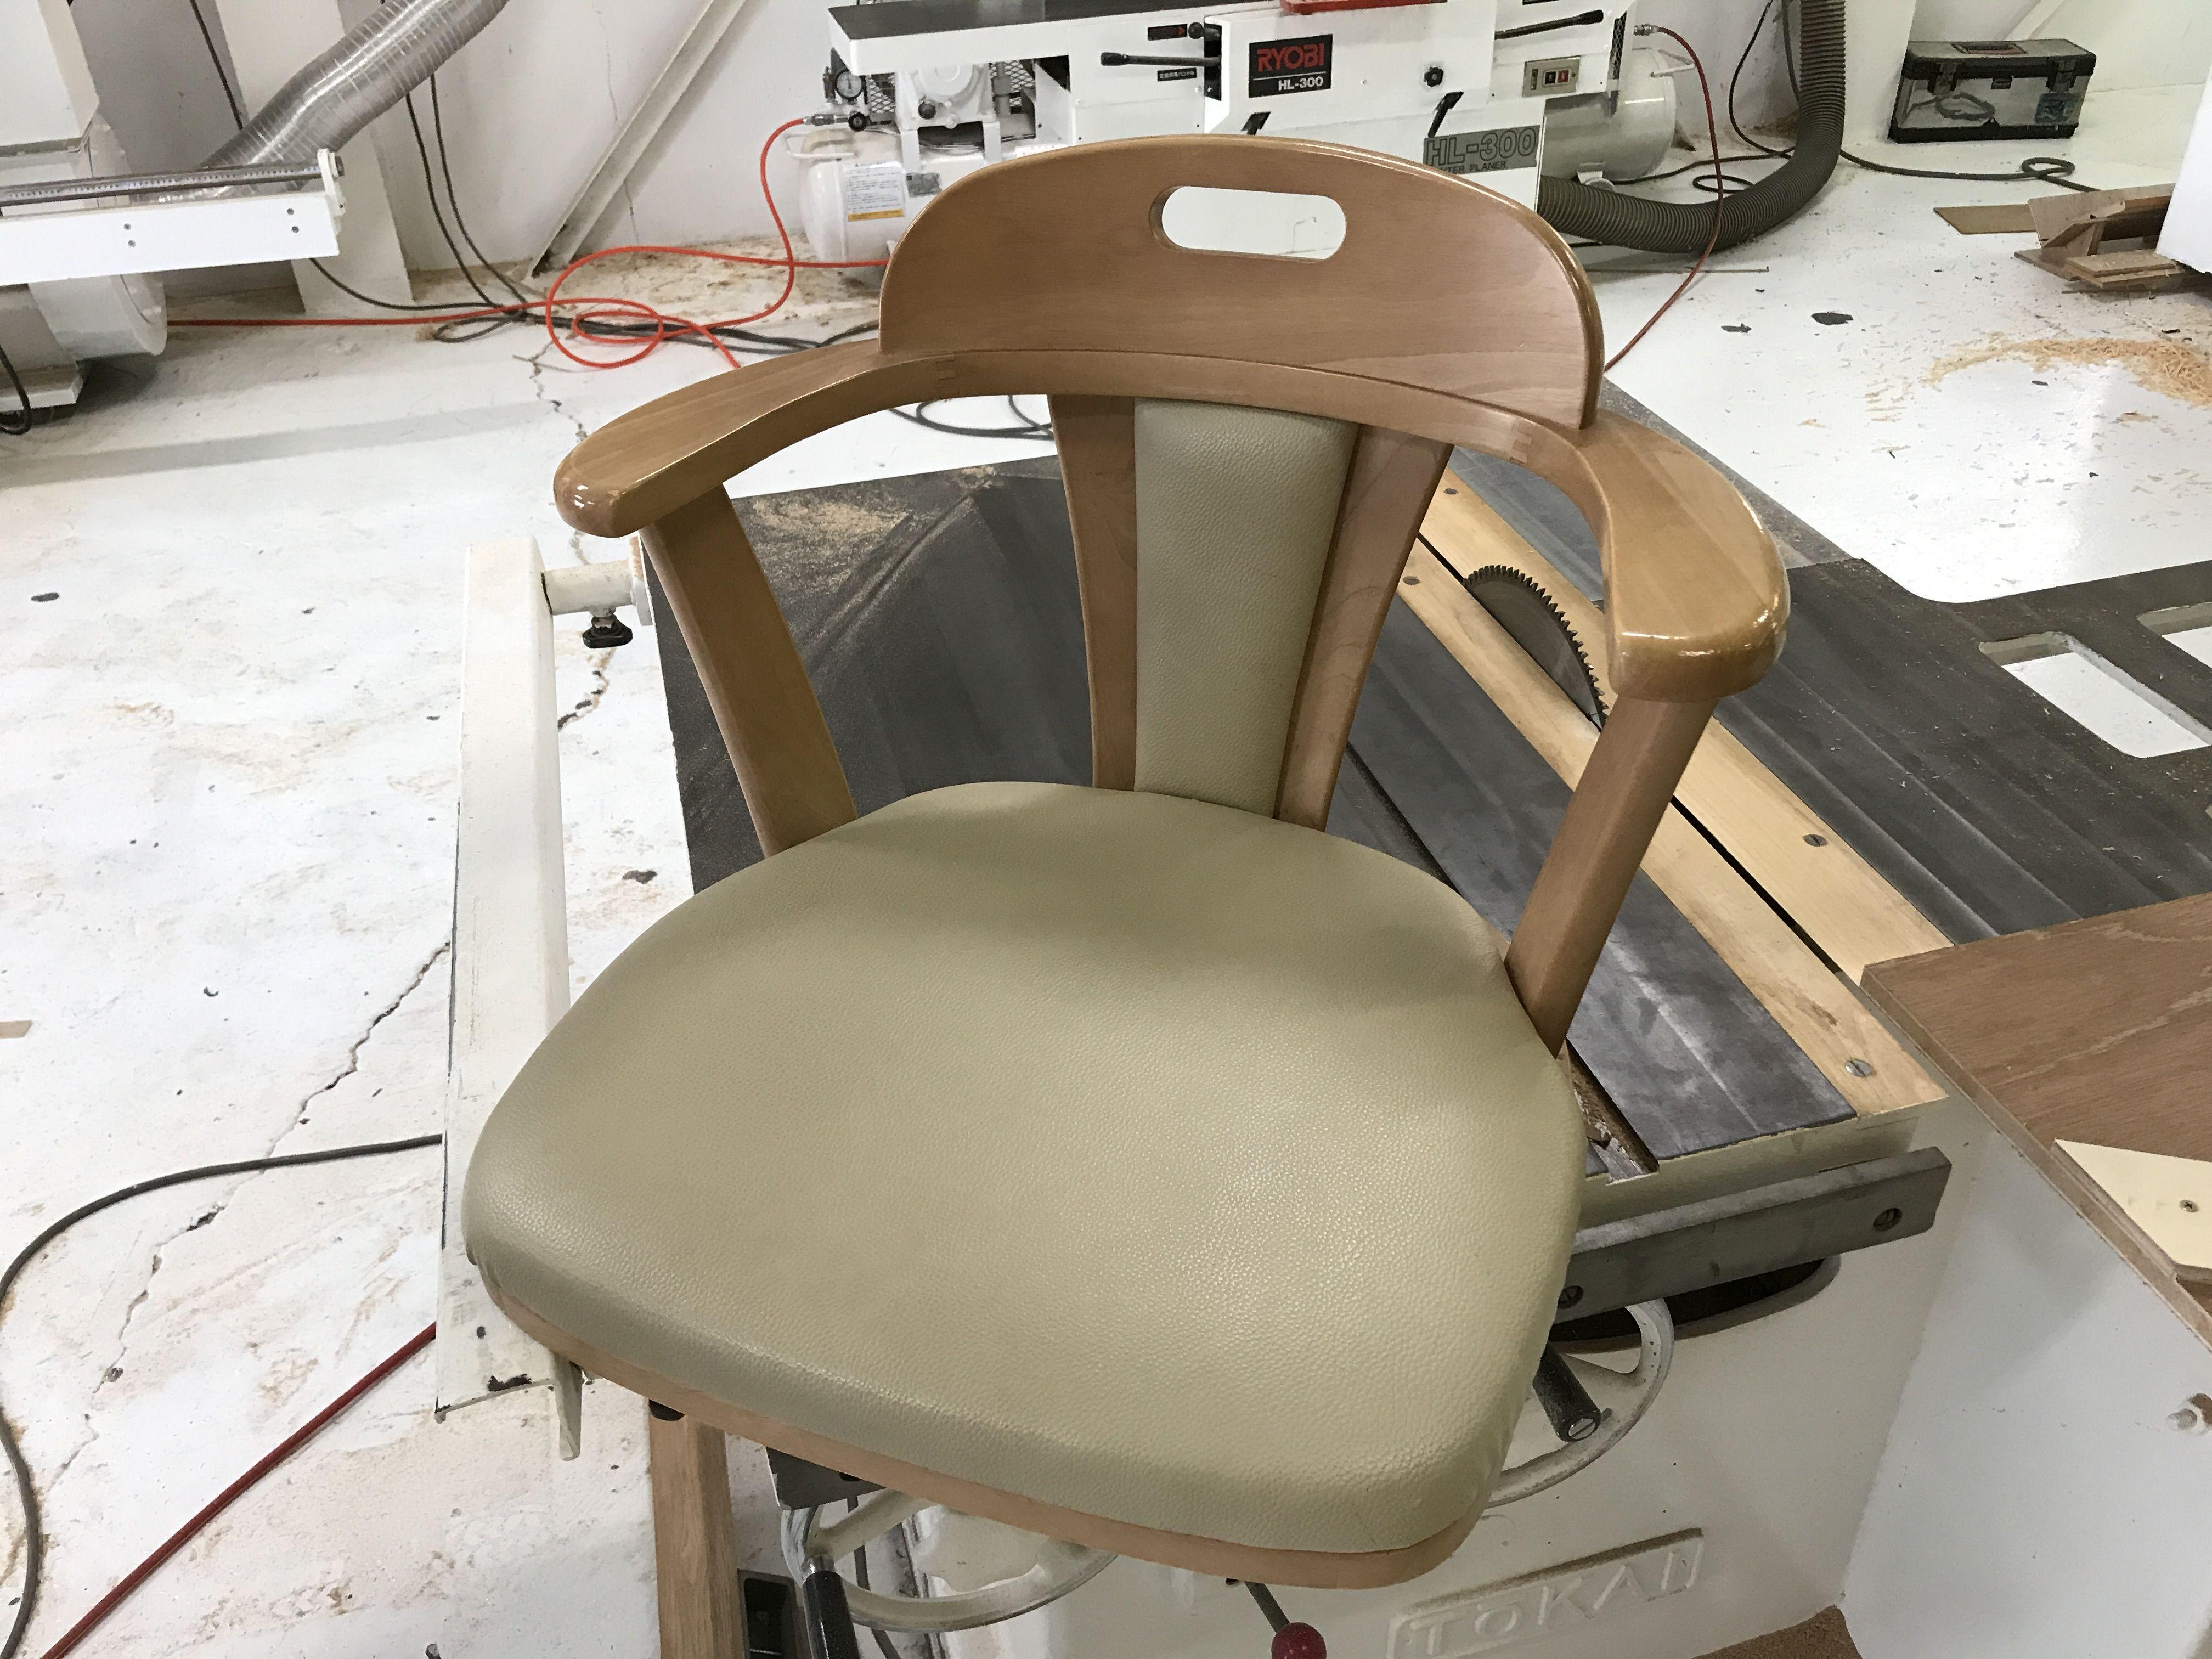 ルーツファクトリーで脚がなくなってしまった椅子をリメイク